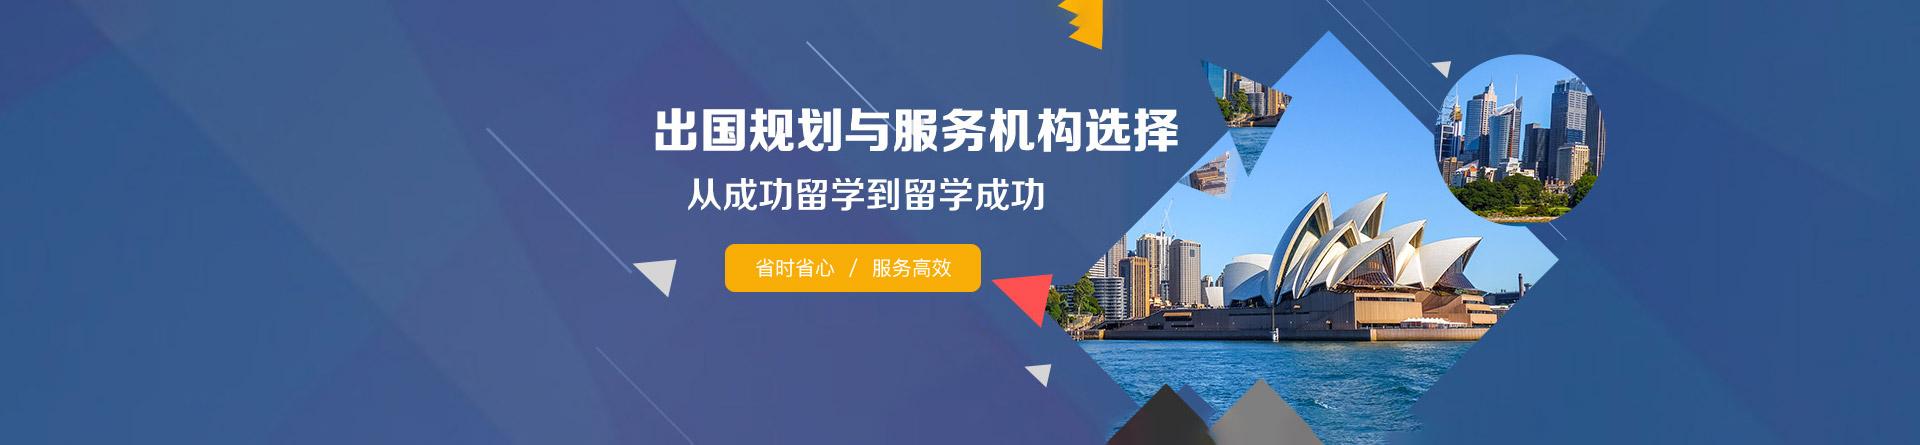 河南洛阳飞洋留学机构